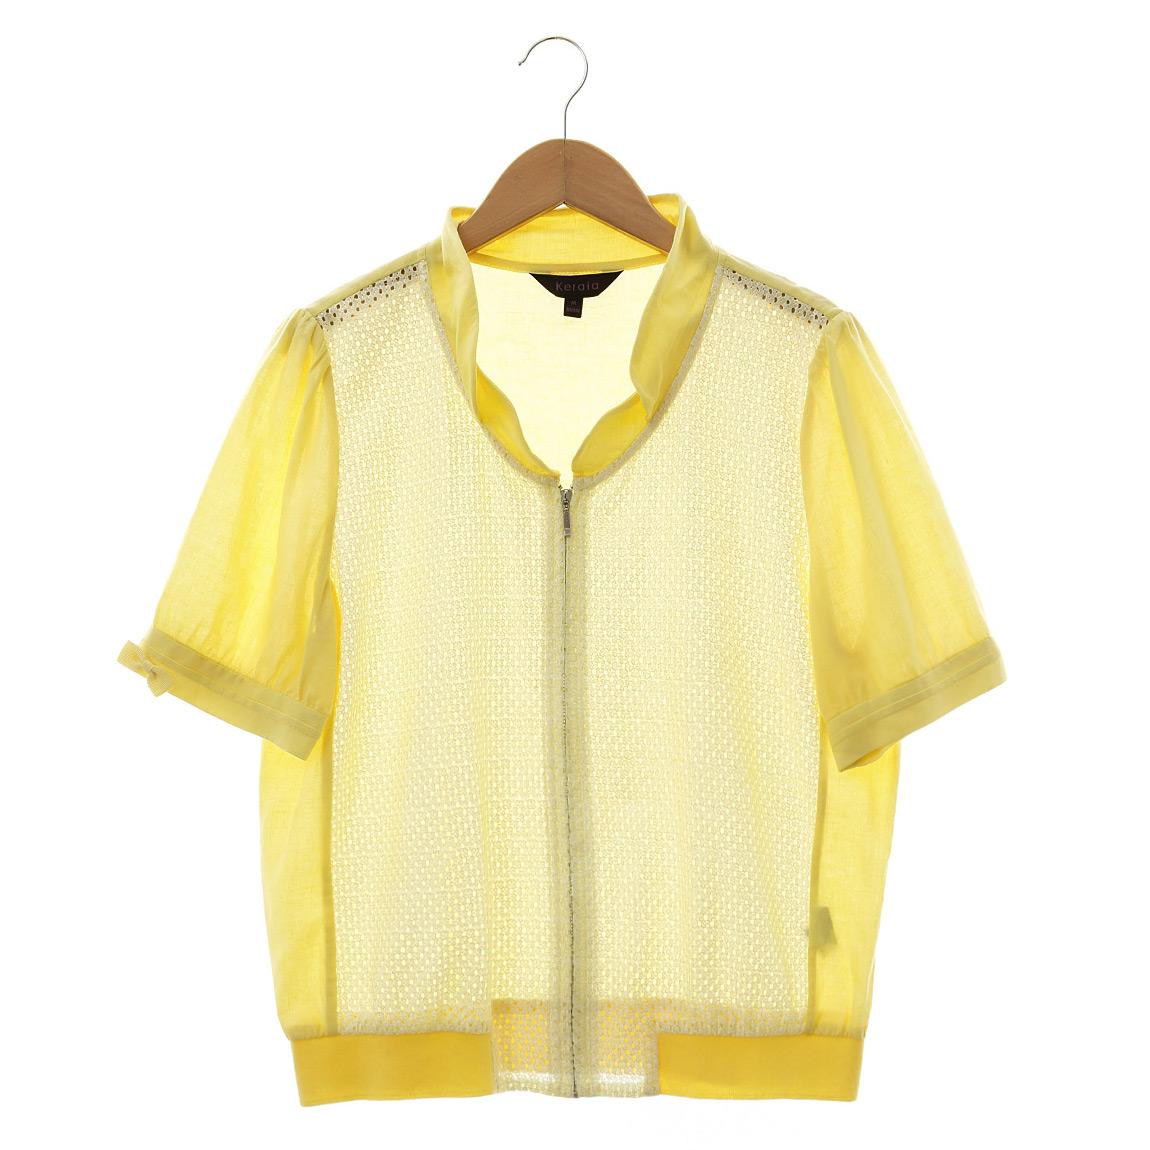 【克萊亞KERAIA】刺繡蕾絲短袖外套